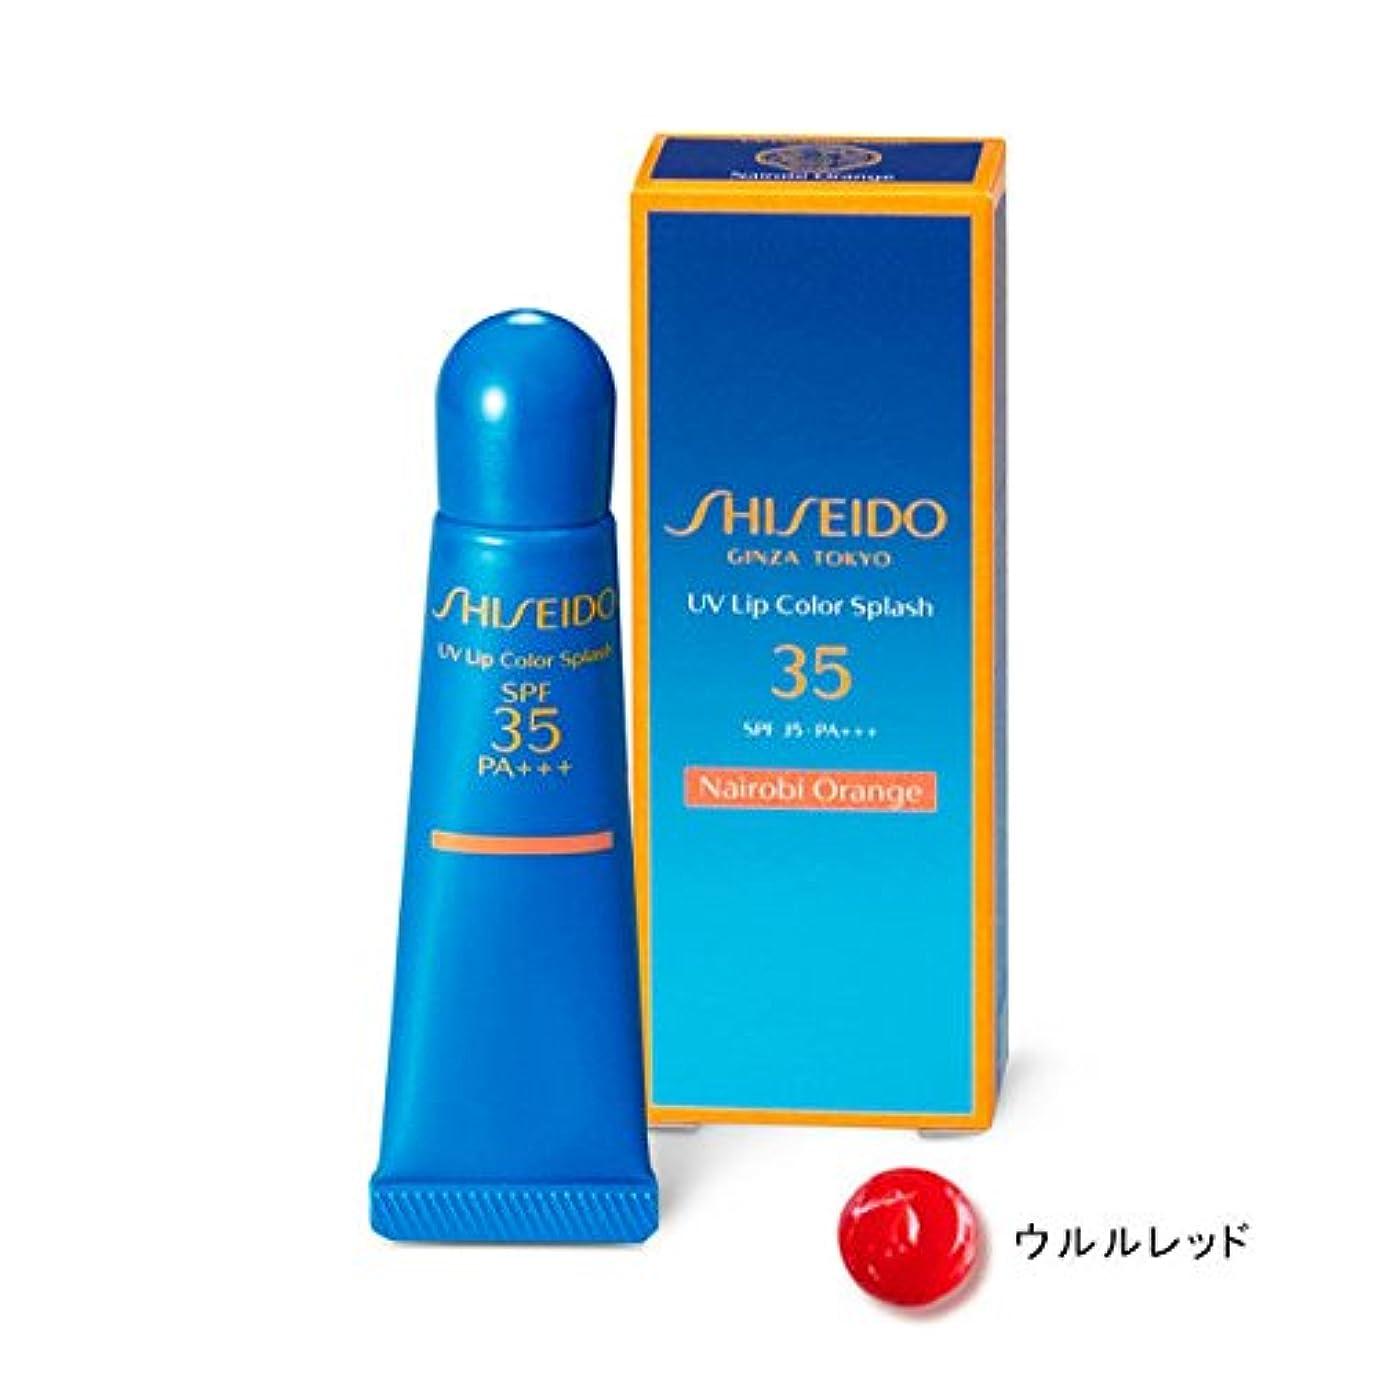 アラブサラボセットアップまぶしさSHISEIDO Suncare(資生堂 サンケア) SHISEIDO(資生堂) UVリップカラースプラッシュ (ウルルレッド)